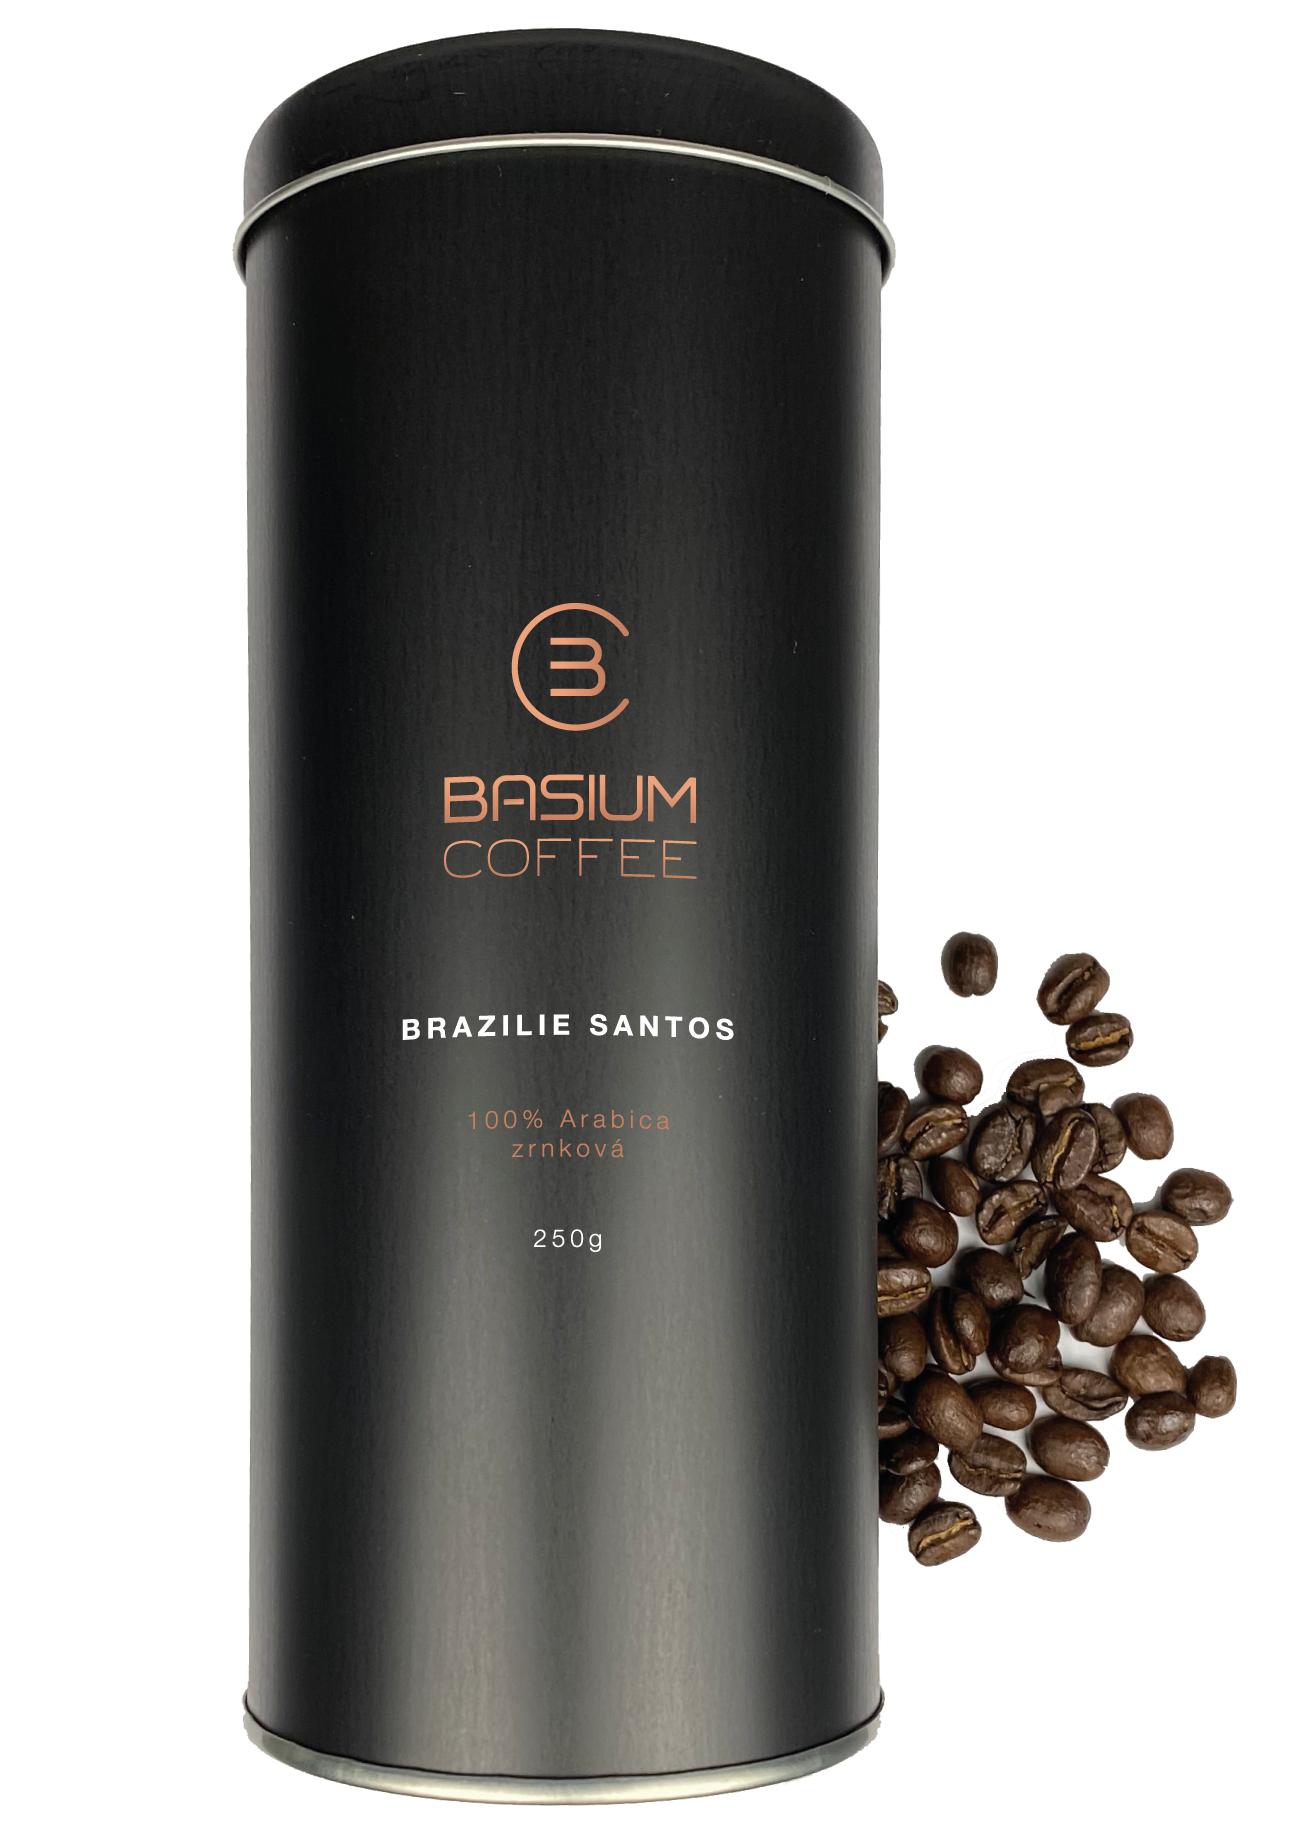 Basium coffee brazílie santos dárková dóza zrnková 250g